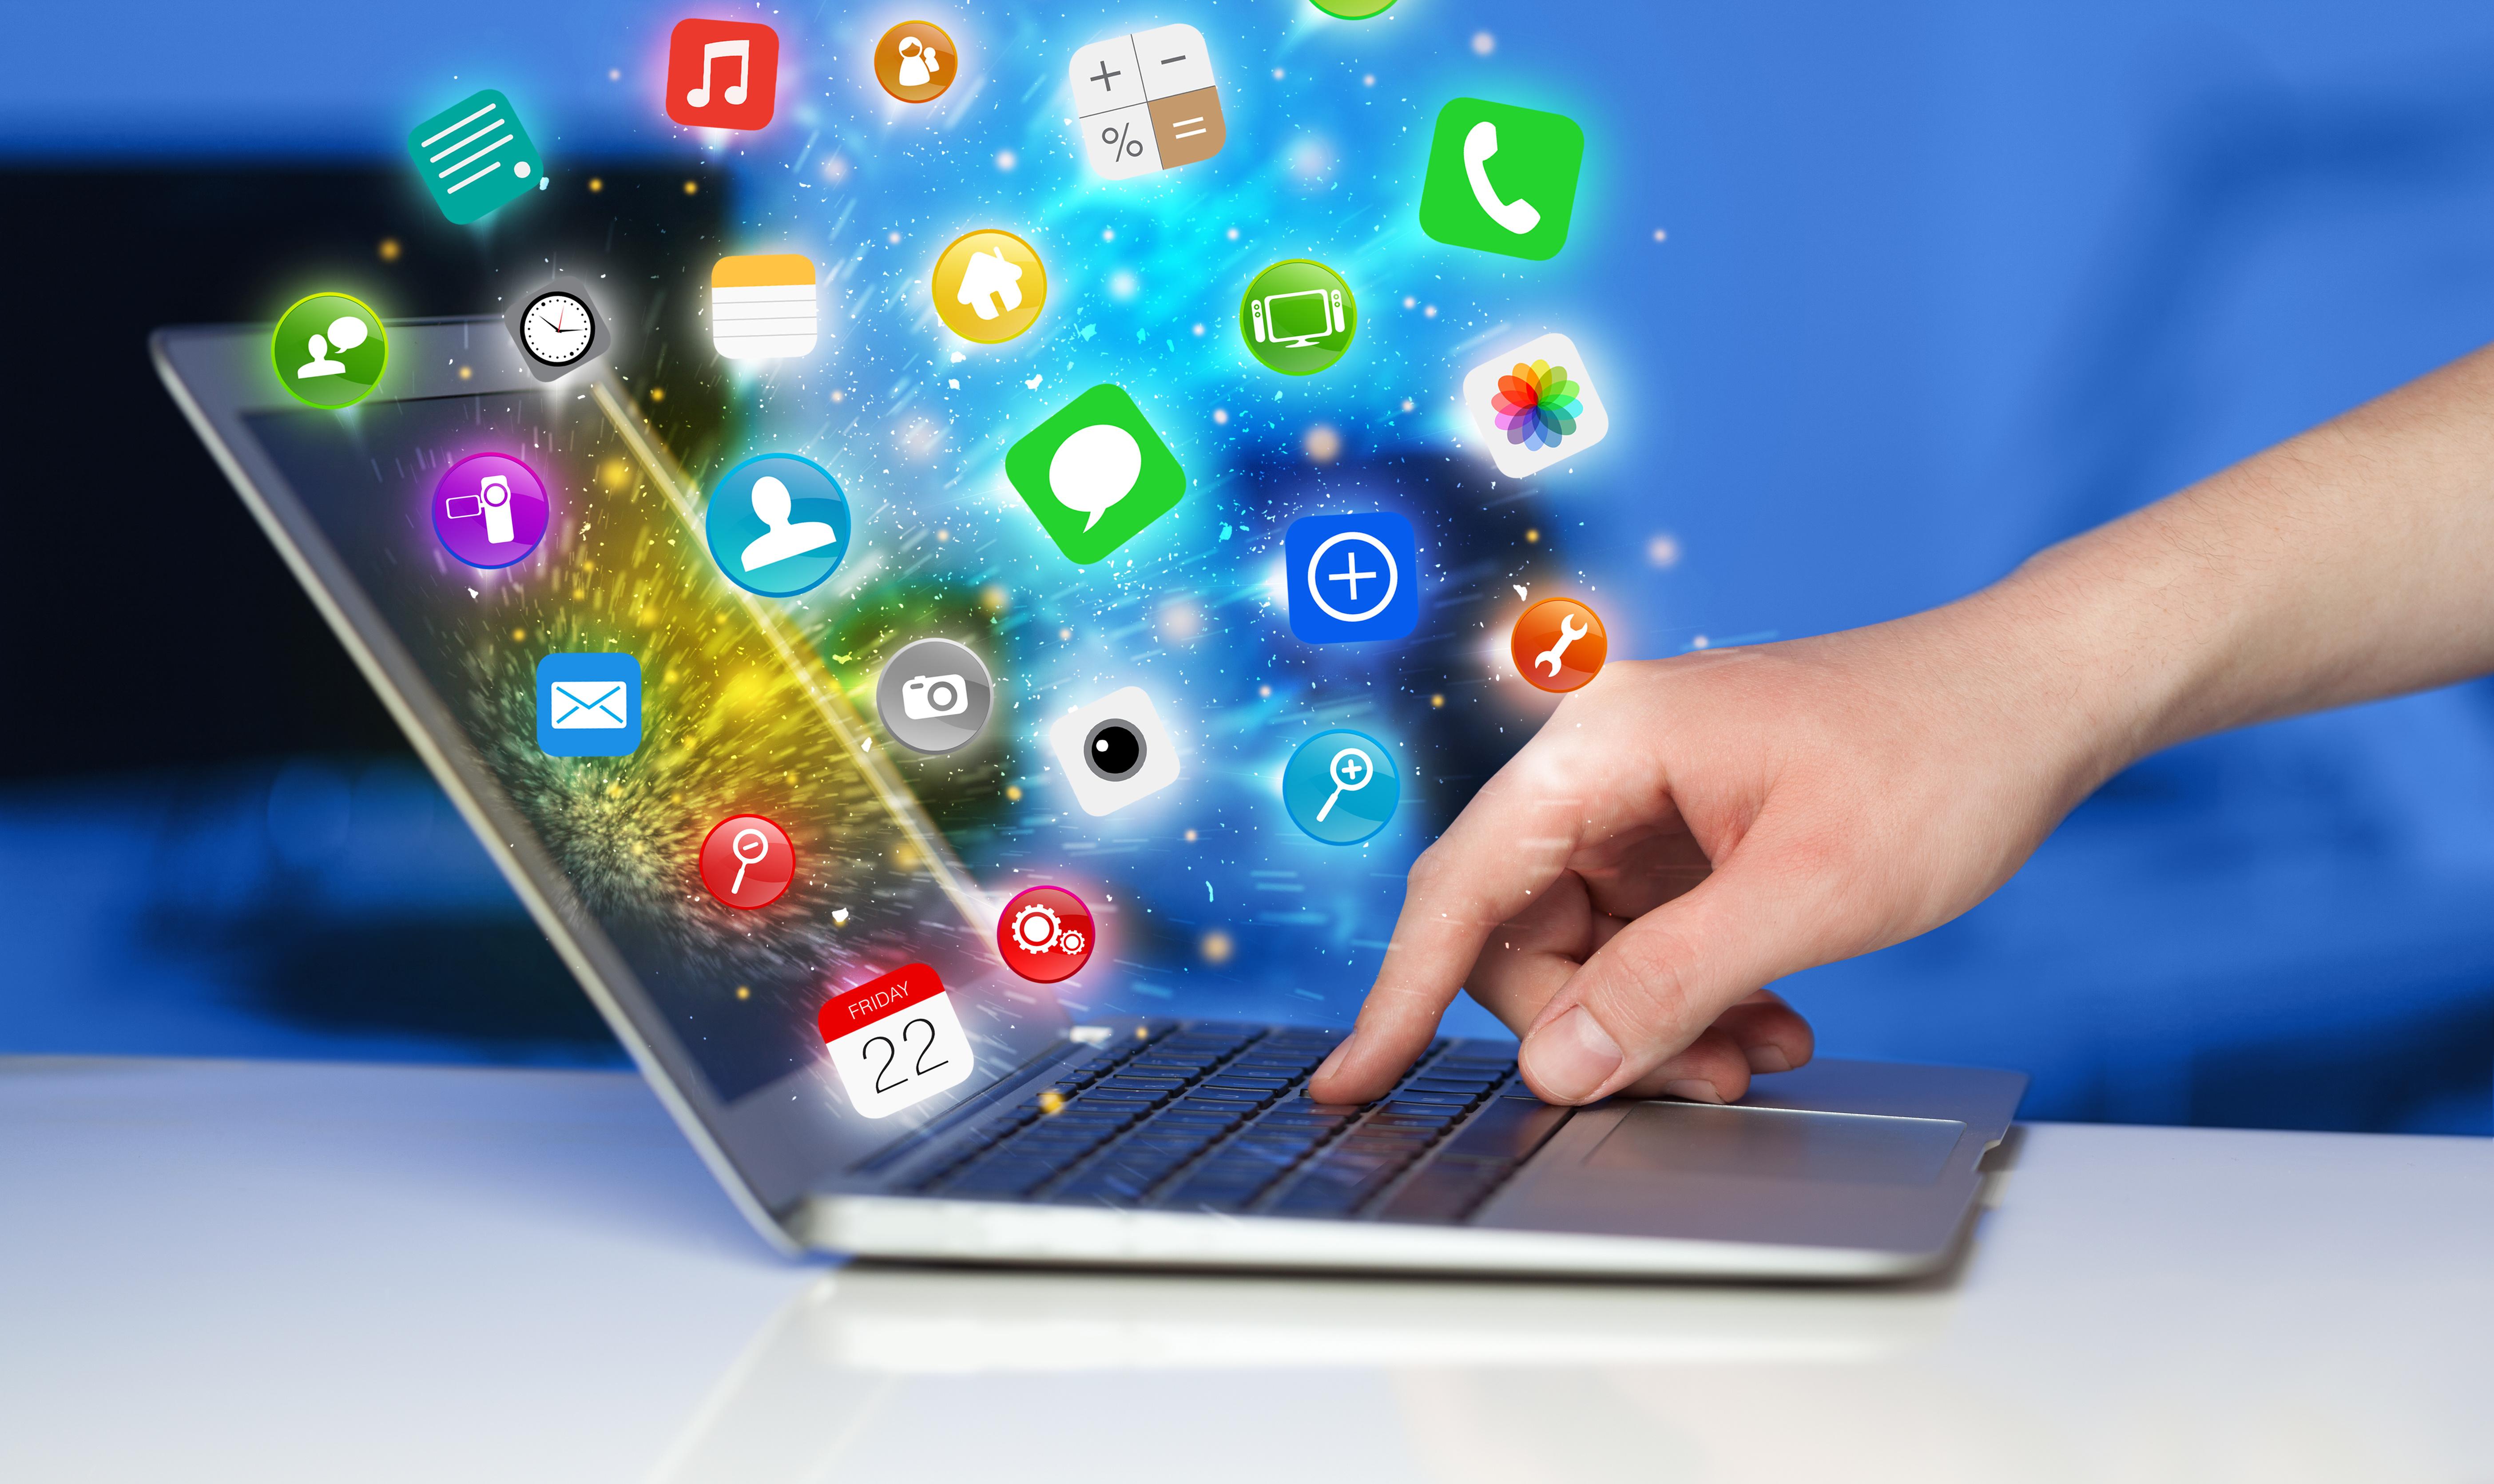 Вебинар Euroguidance мреже о интерактивним алатима за наставнике и каријерне практичаре